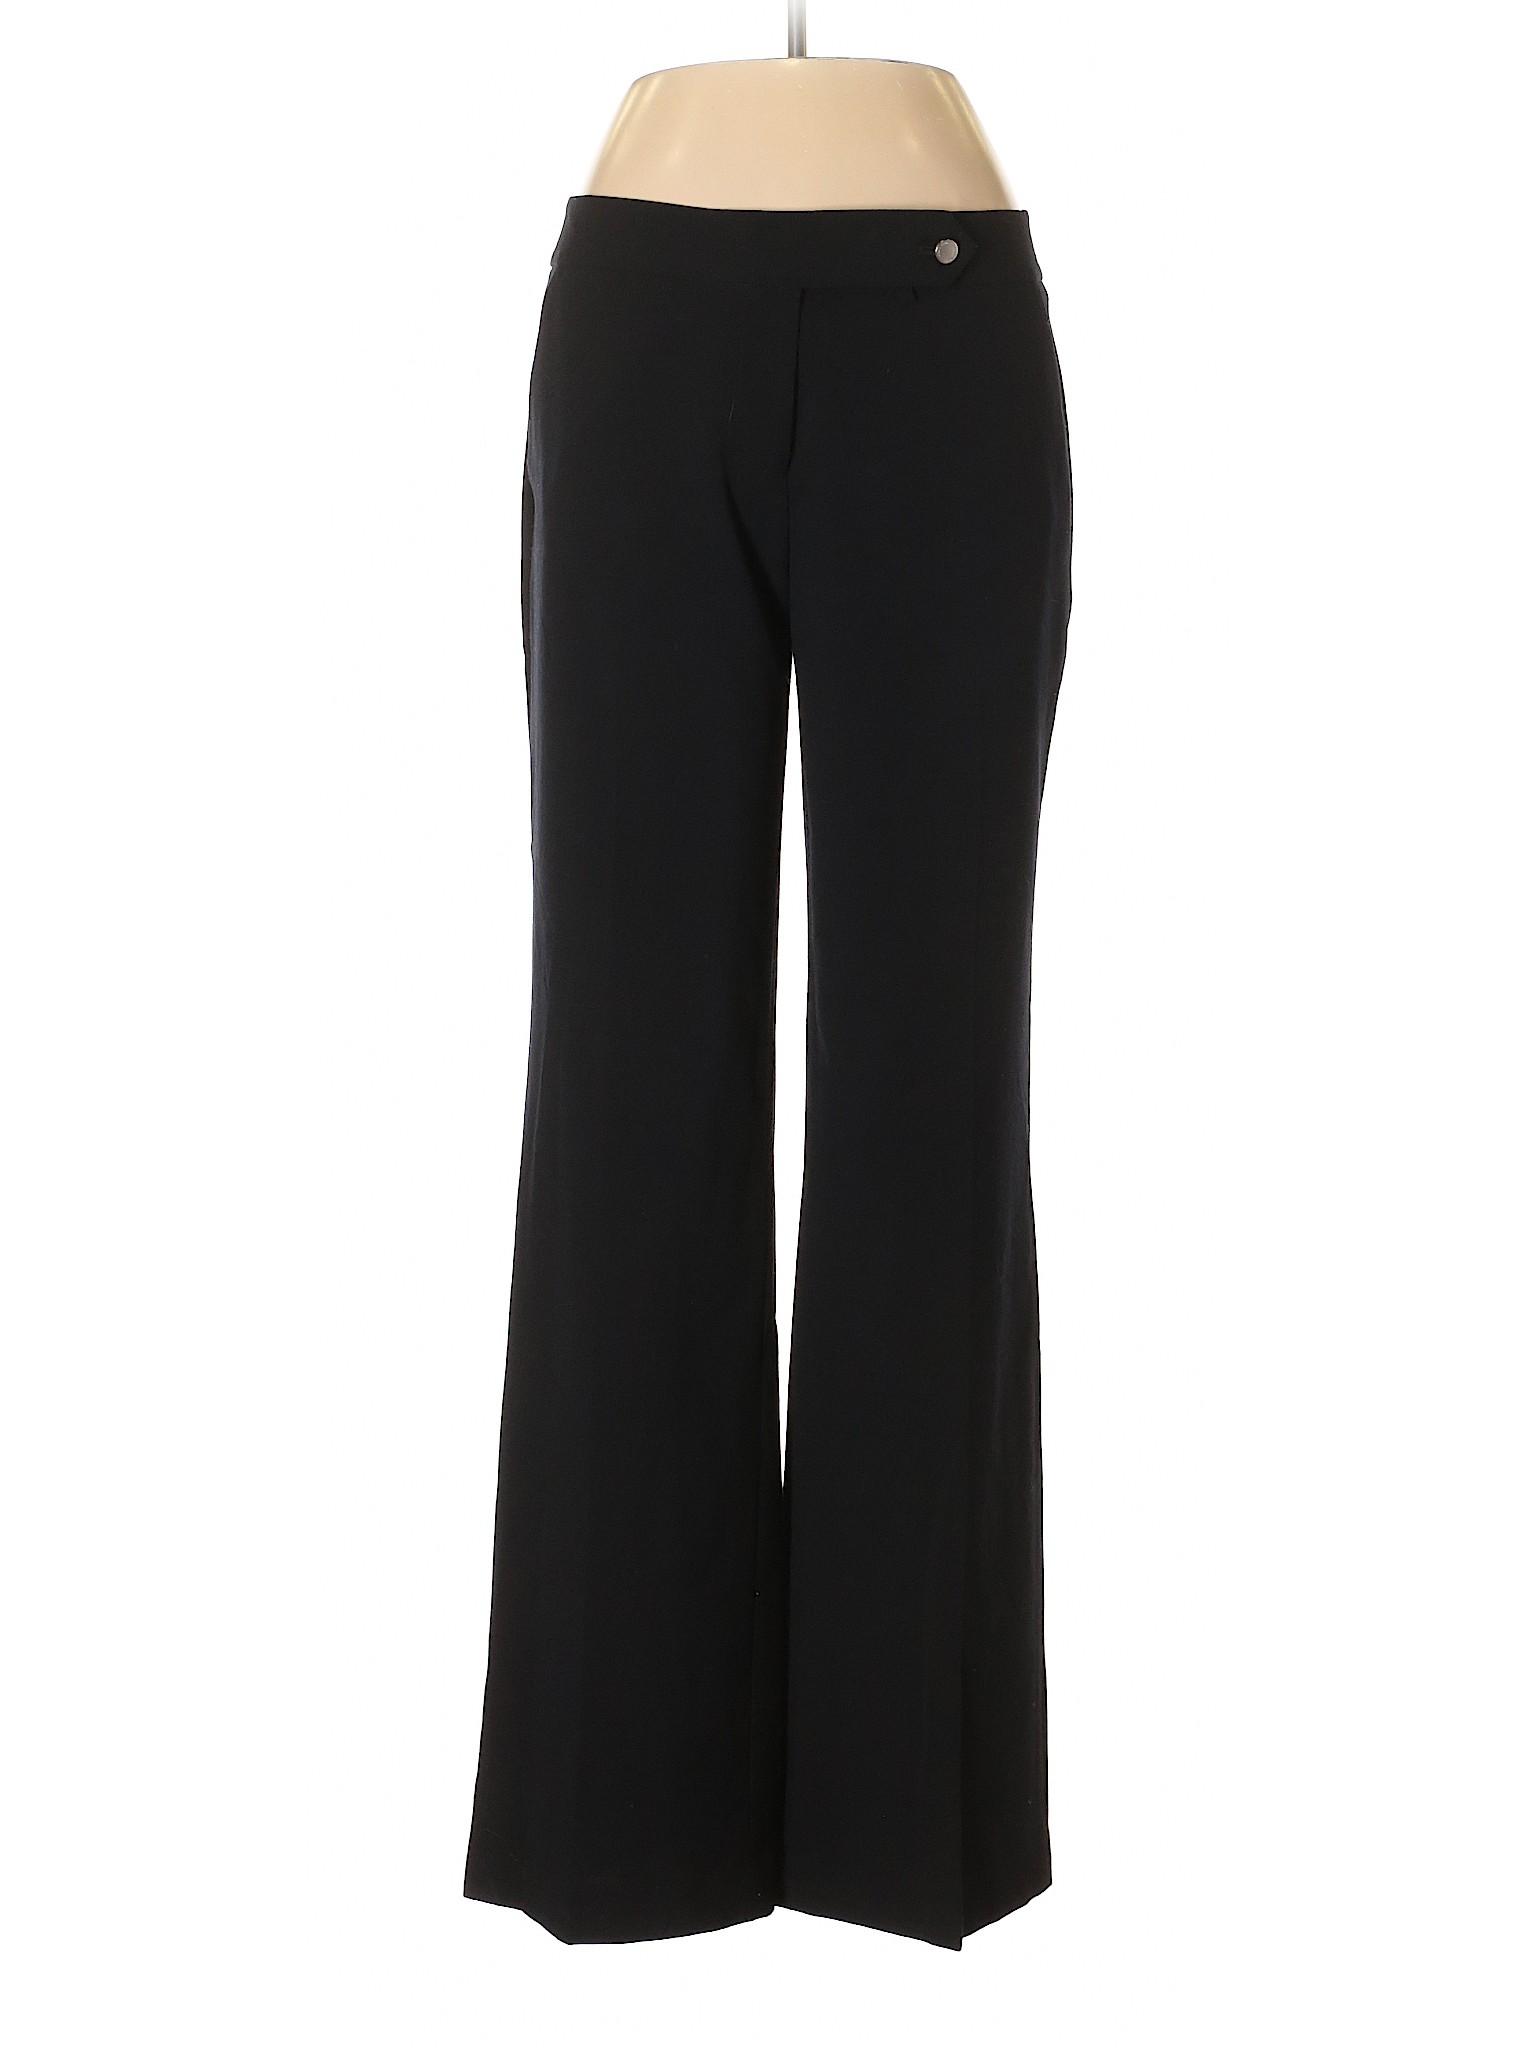 Boutique leisure Dress Klein Calvin Pants CTqdrCw